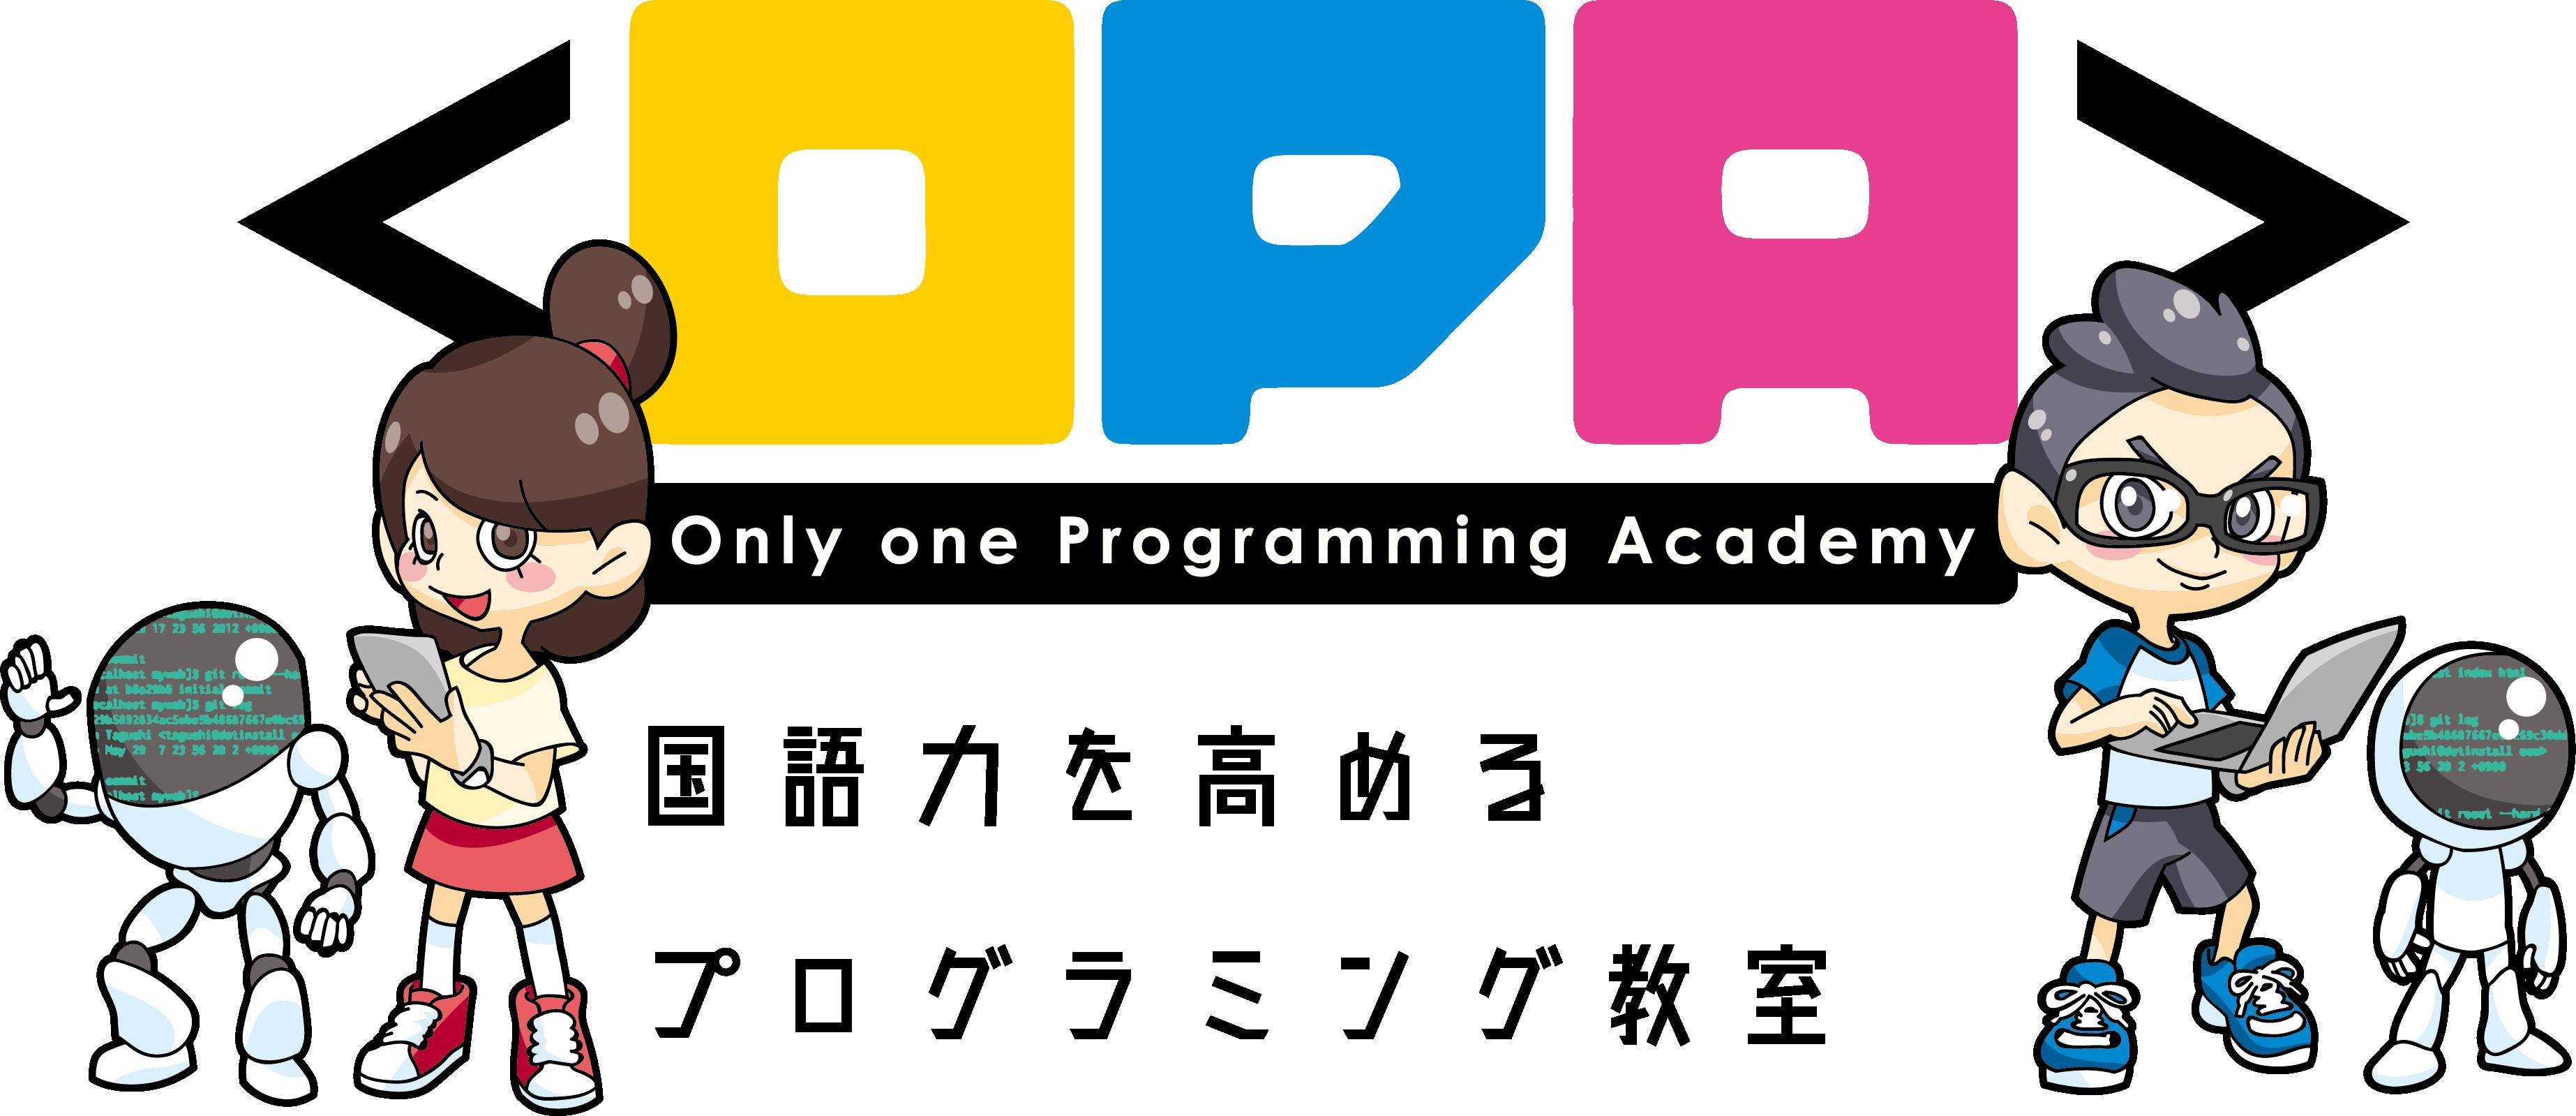 オンリーワンプログラミングアカデミー